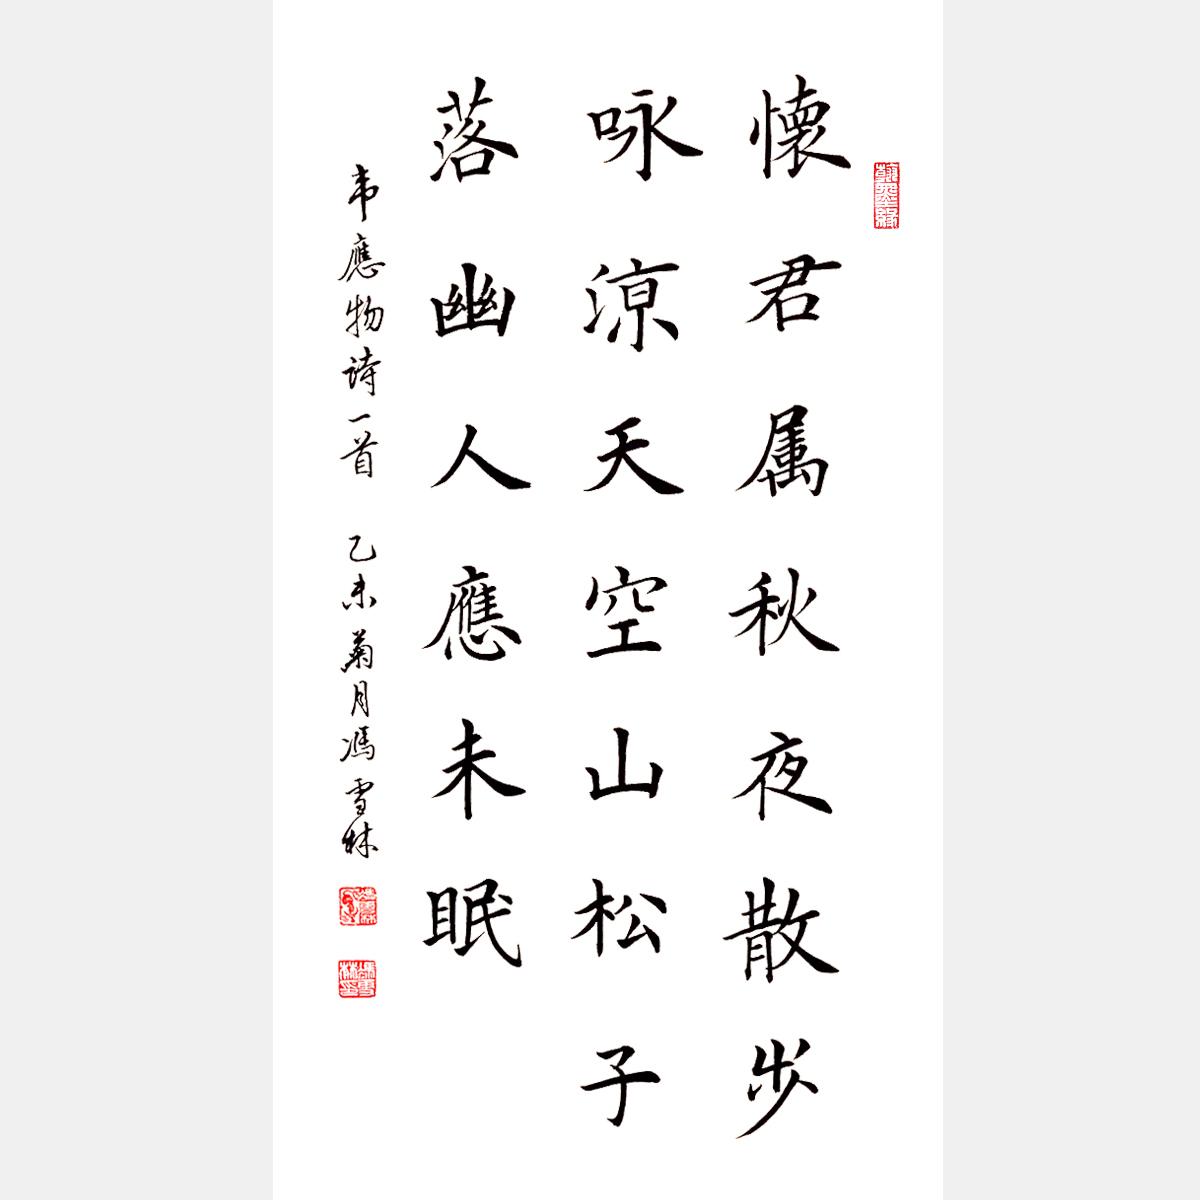 冯雪林书法作品 唐·韦应物《秋夜寄丘二十二员外》 楷书